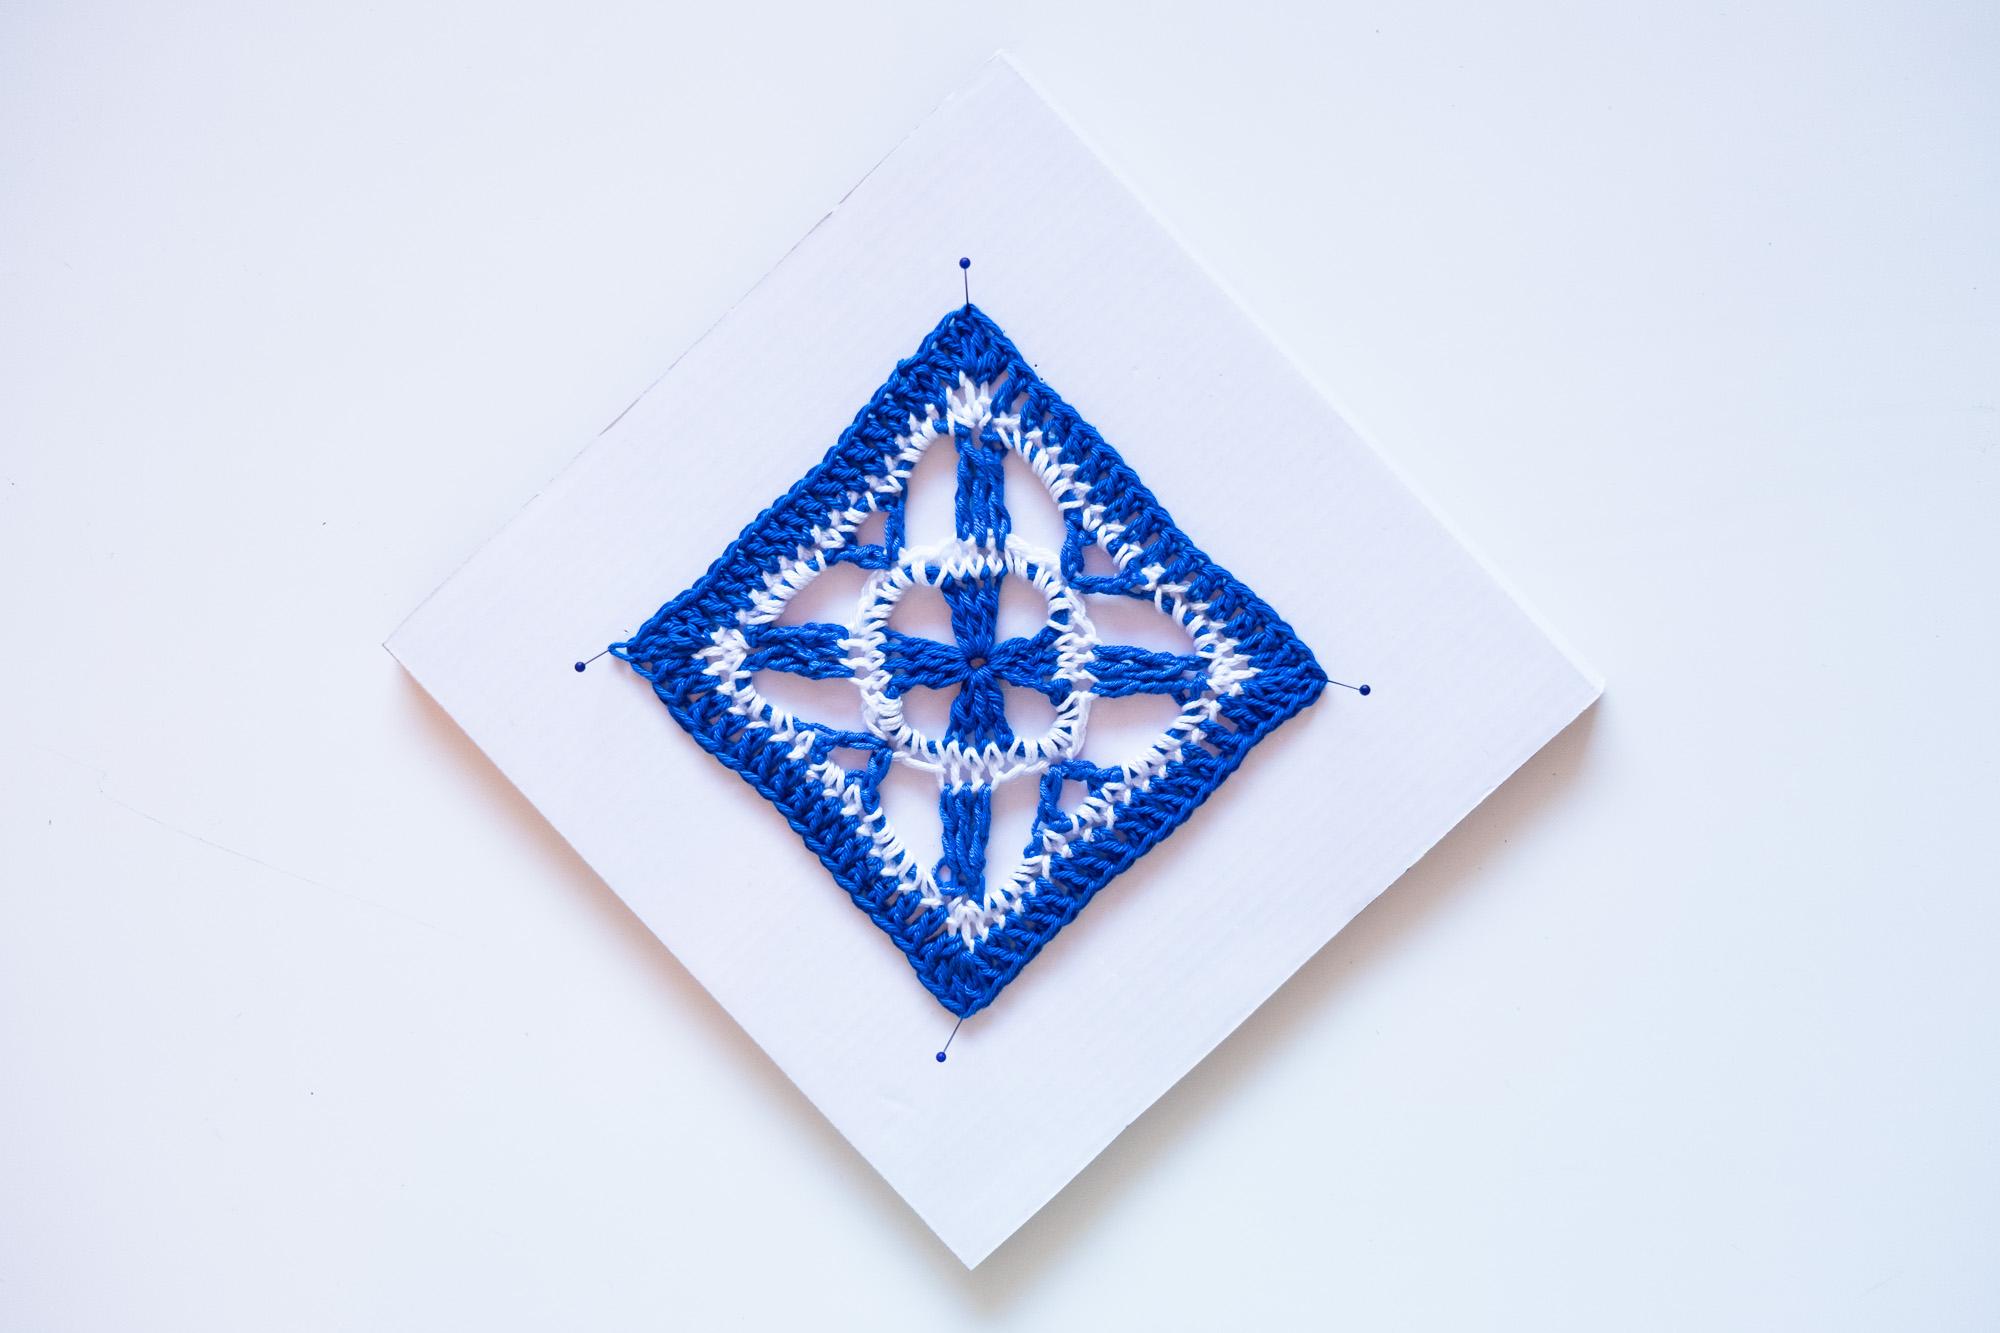 Motivo De Crochet o ganchillo hecho a mano